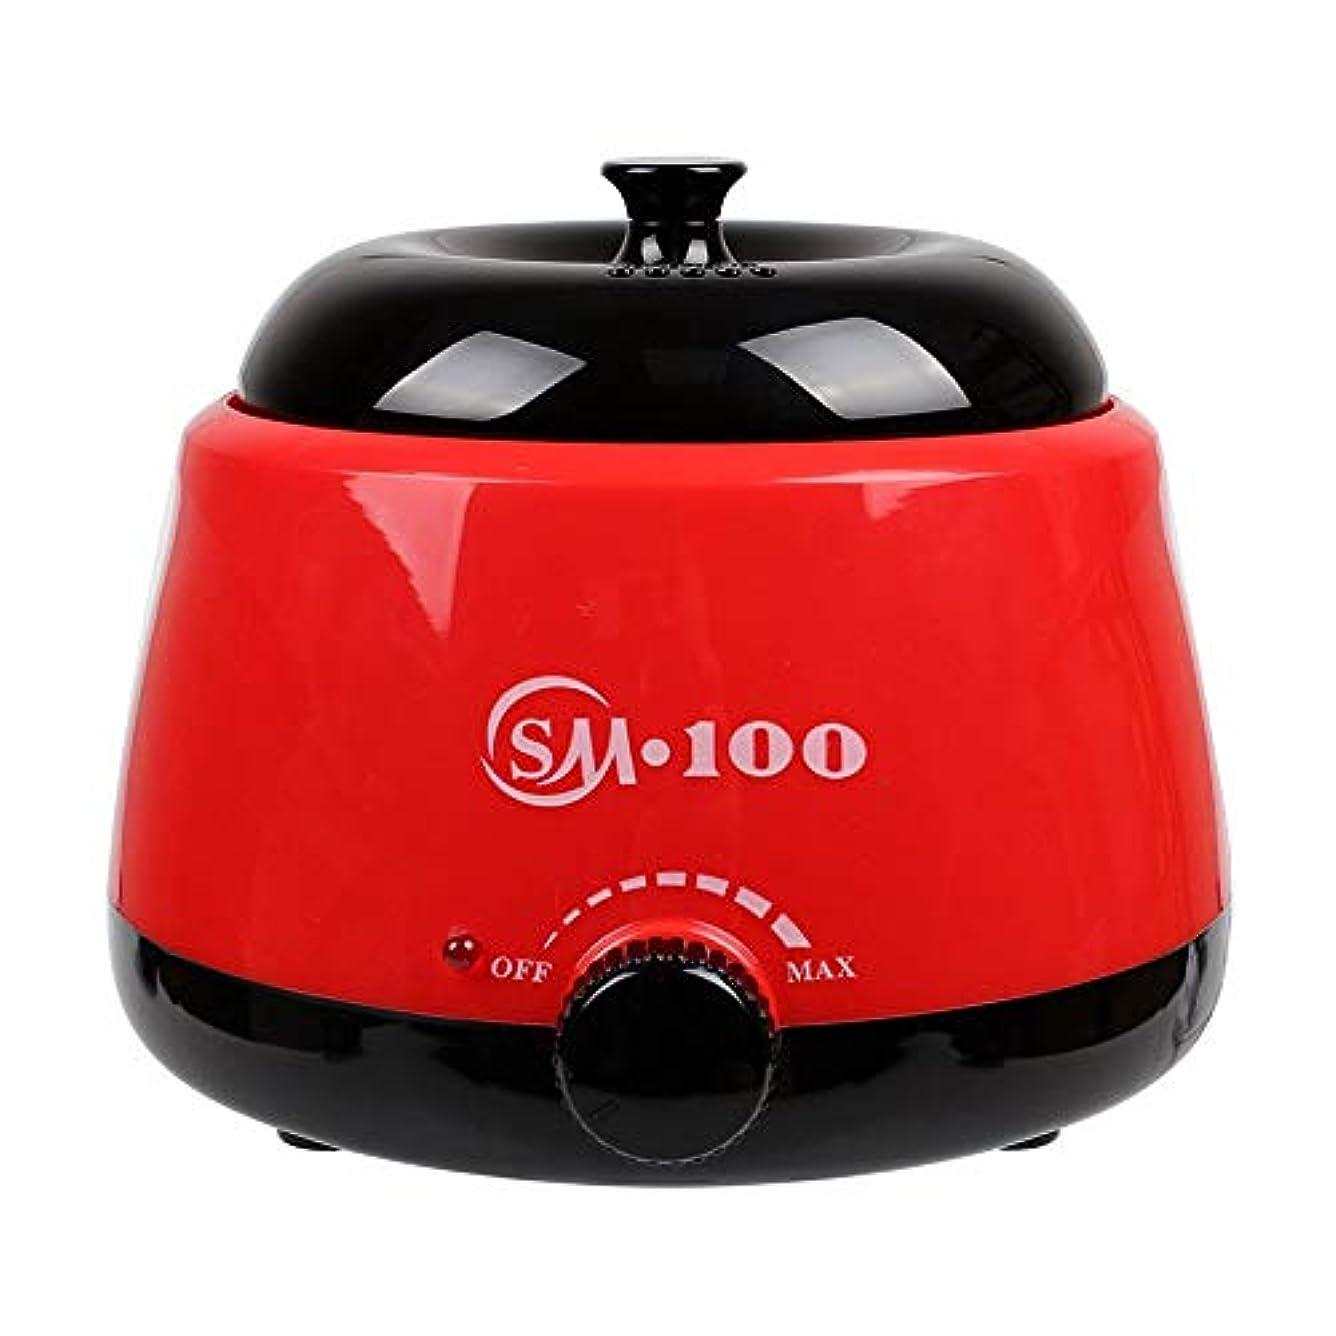 オーバーヘッドマラドロイト遊具調節可能な温度のワックスマシン、女性および男性500CCのための多機能の家のワックスが付いている毛の取り外しのための専門の電気ワックスのウォーマーのヒーターのメルター